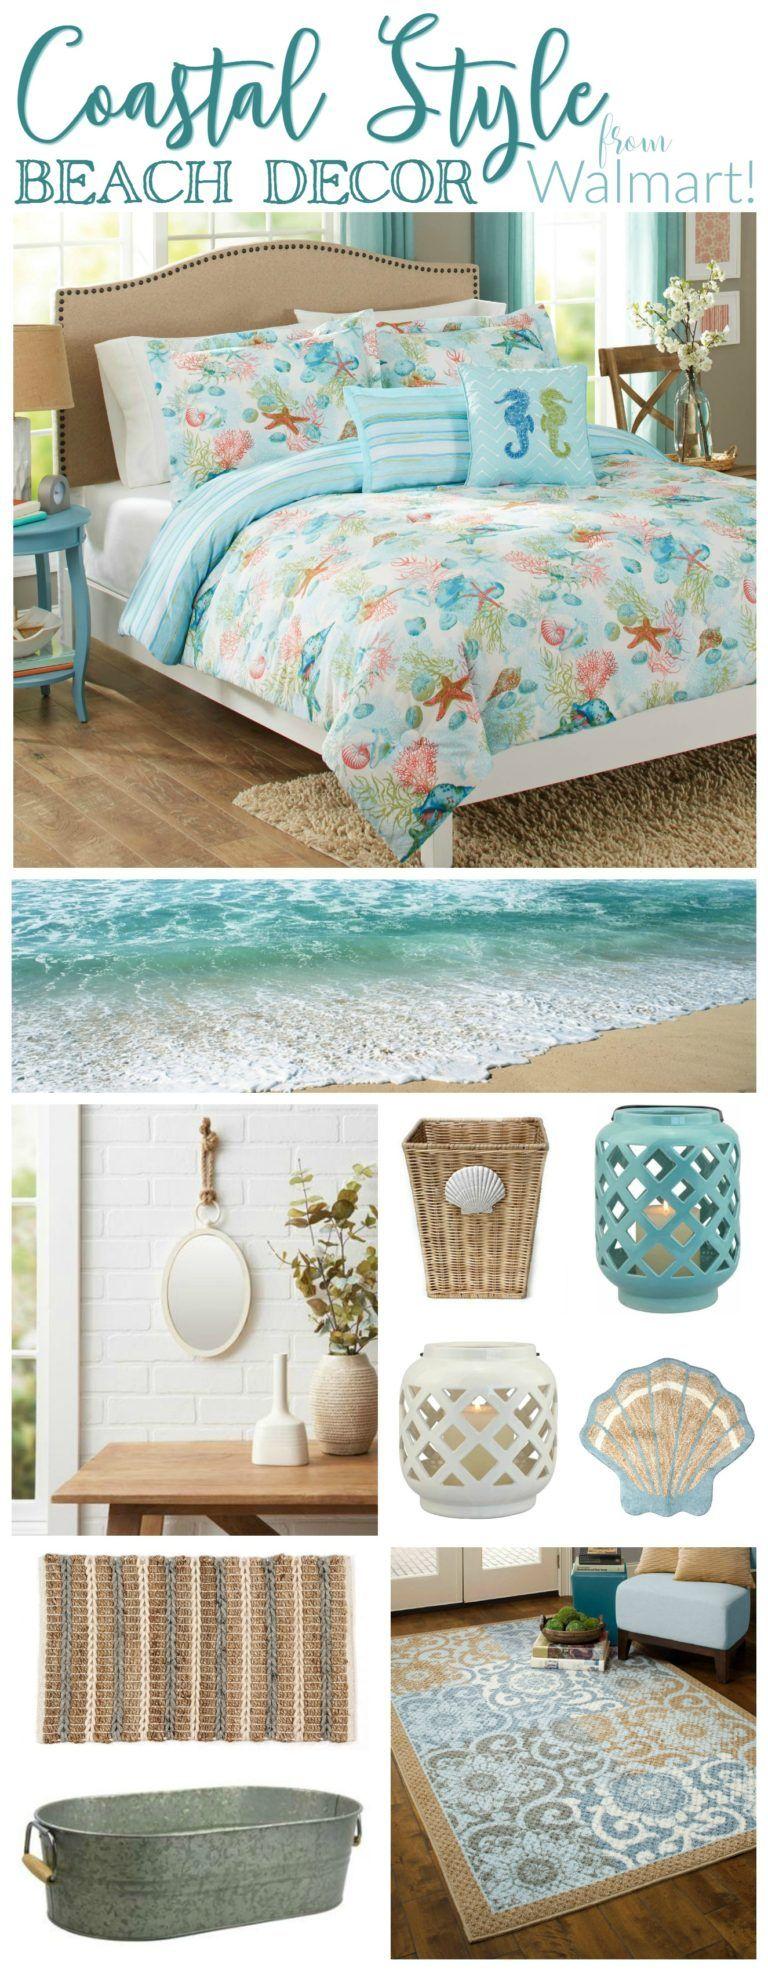 Coastal Style Beach Decor from Walmart | Coastal style, Coastal and ...